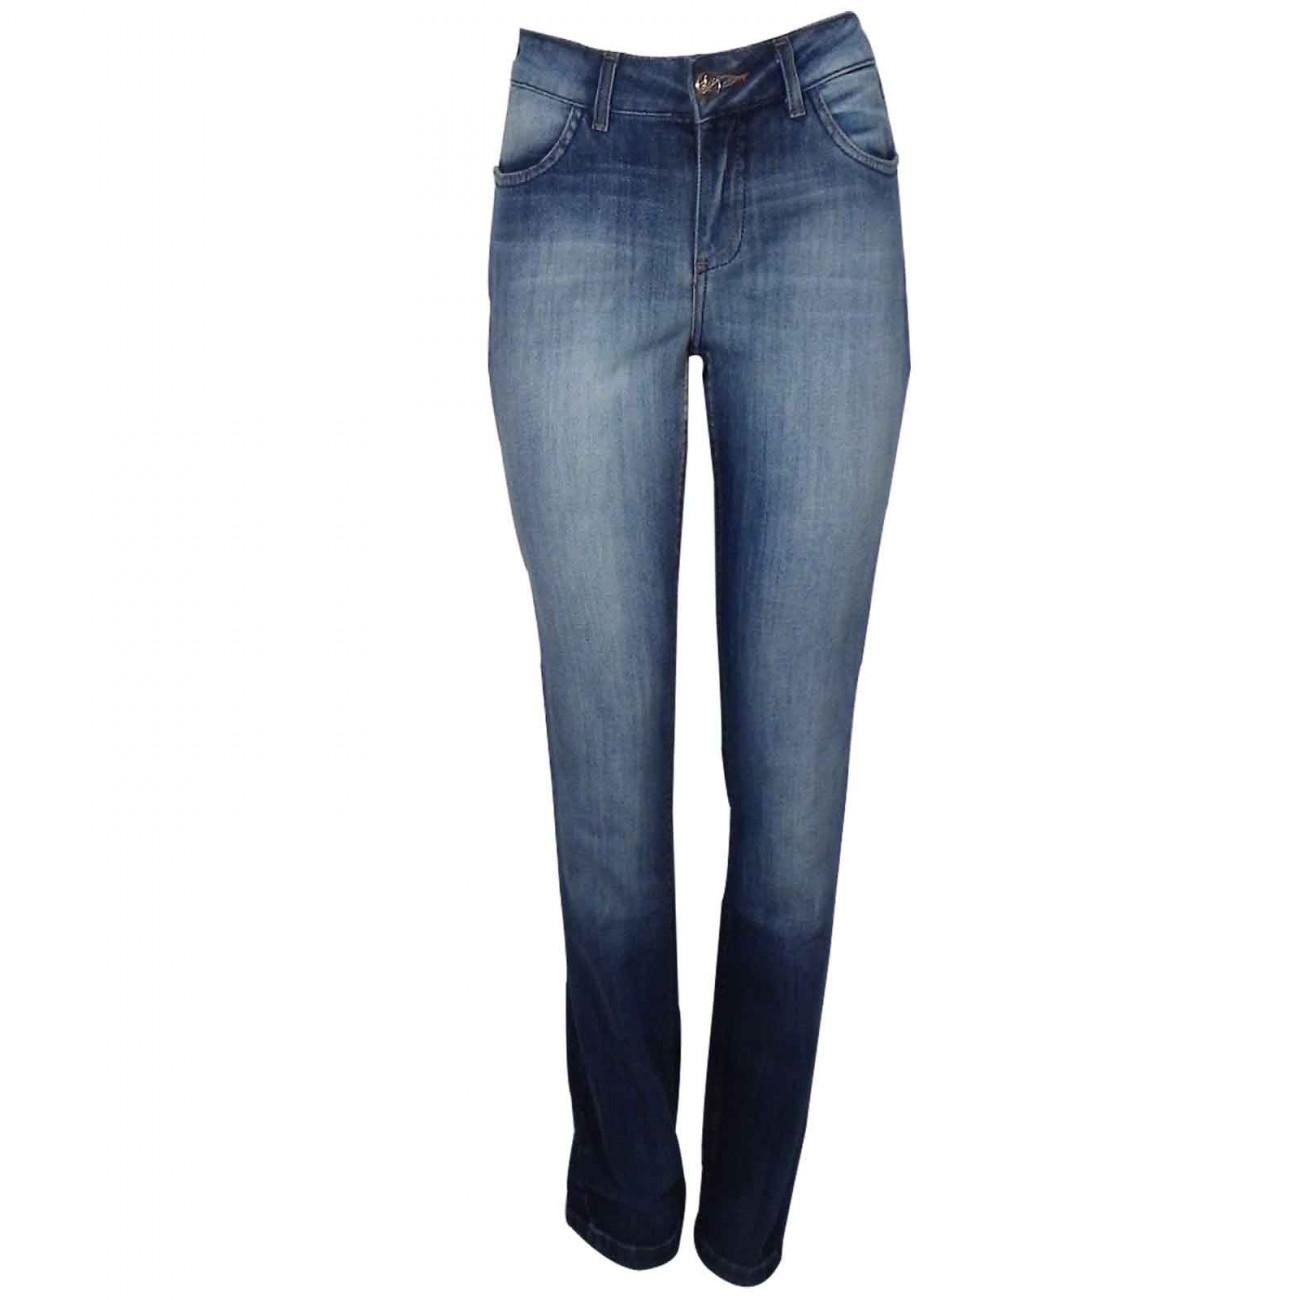 112e312b4 Calça Jeans Feminina Cintura Alta Chopper - Pole Modas